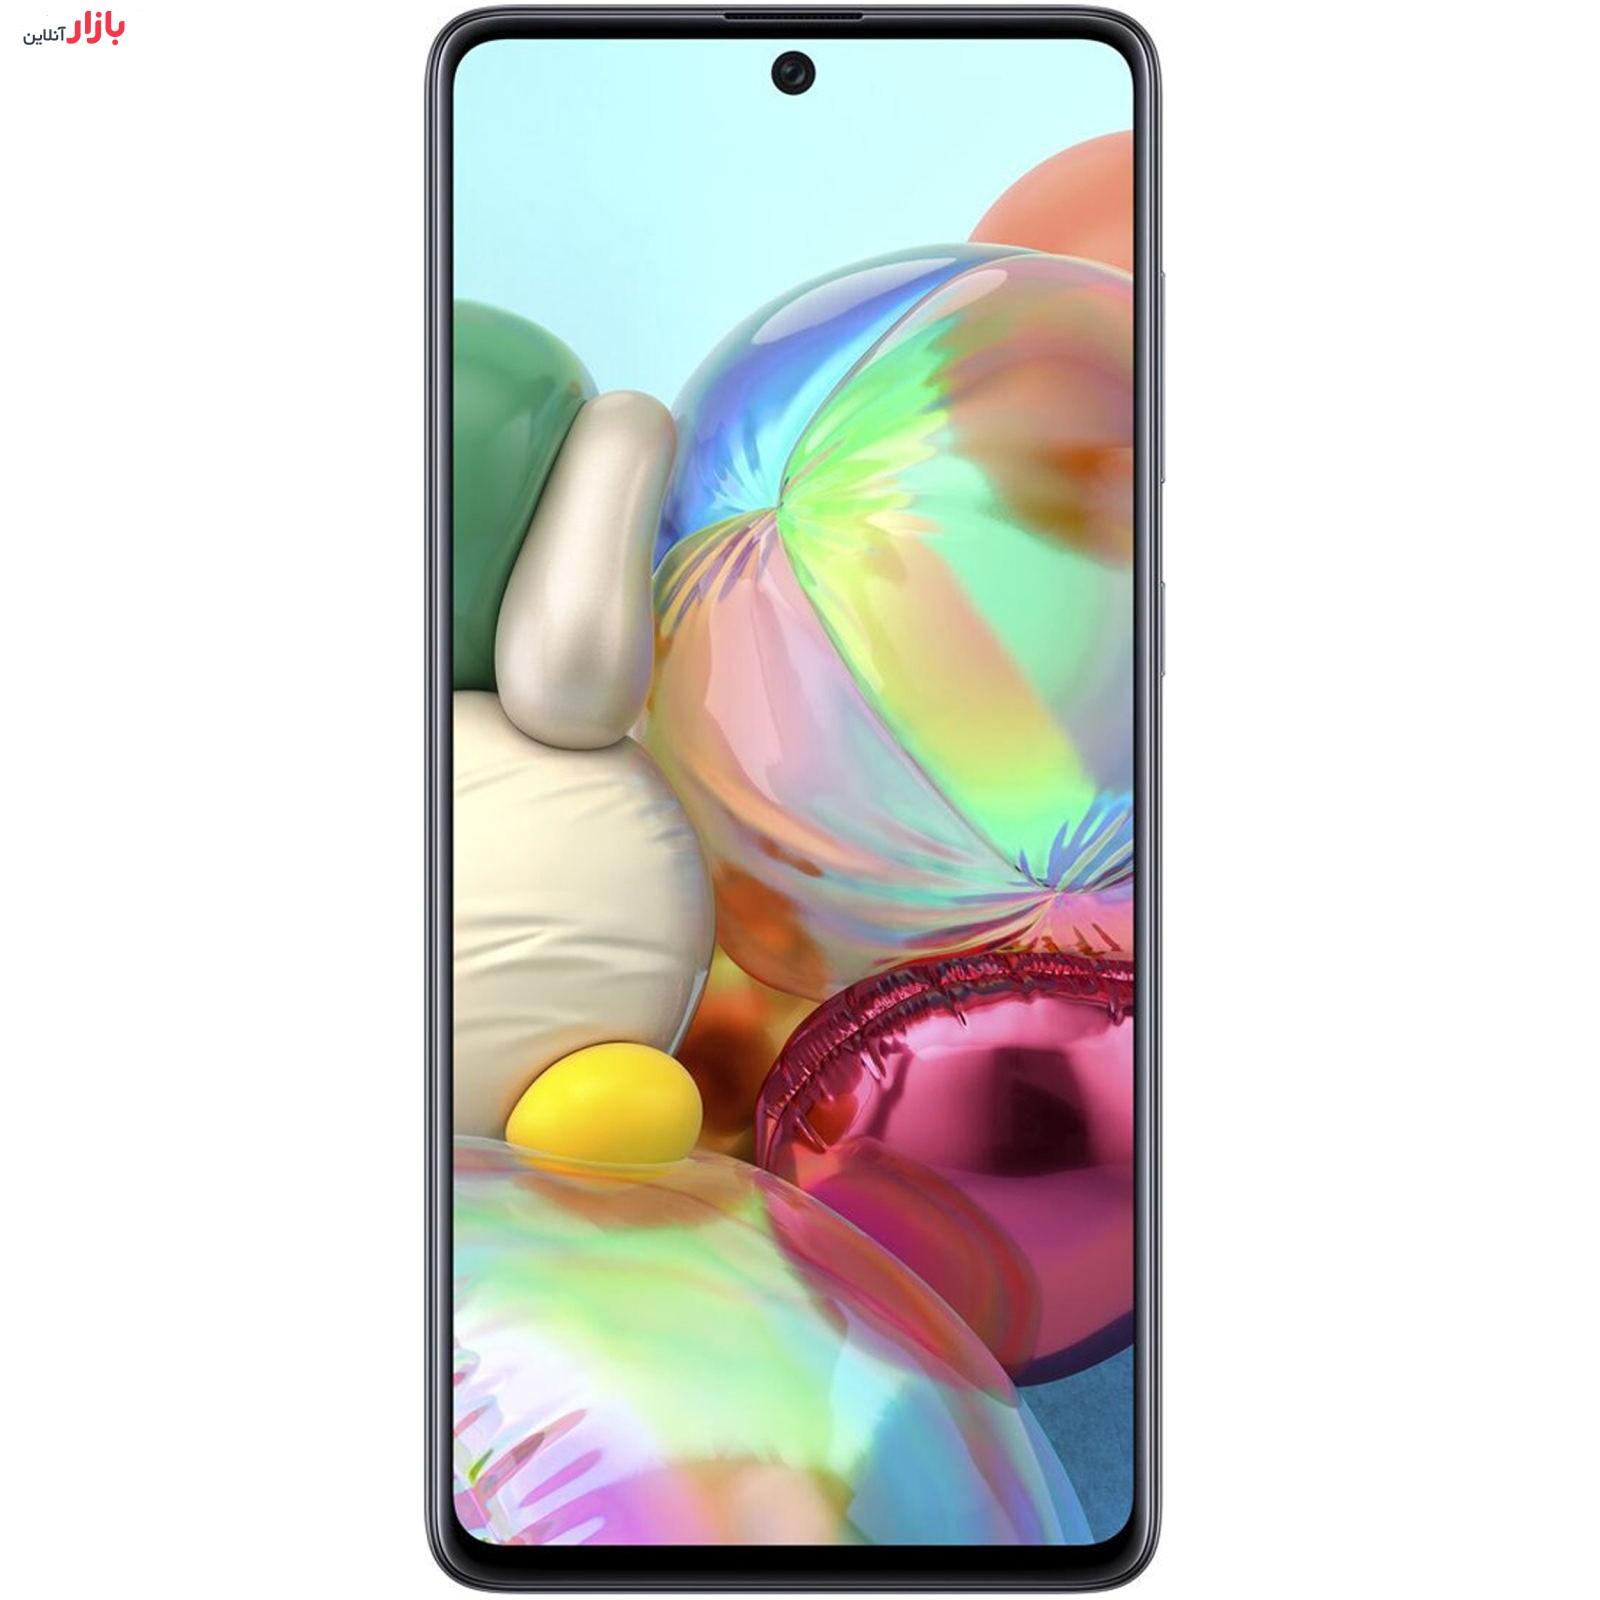 گوشی موبایل سامسونگ گلکسی A71 دو سیمکارت 128 گیگابایت همراه با رم 8 گیگابایت